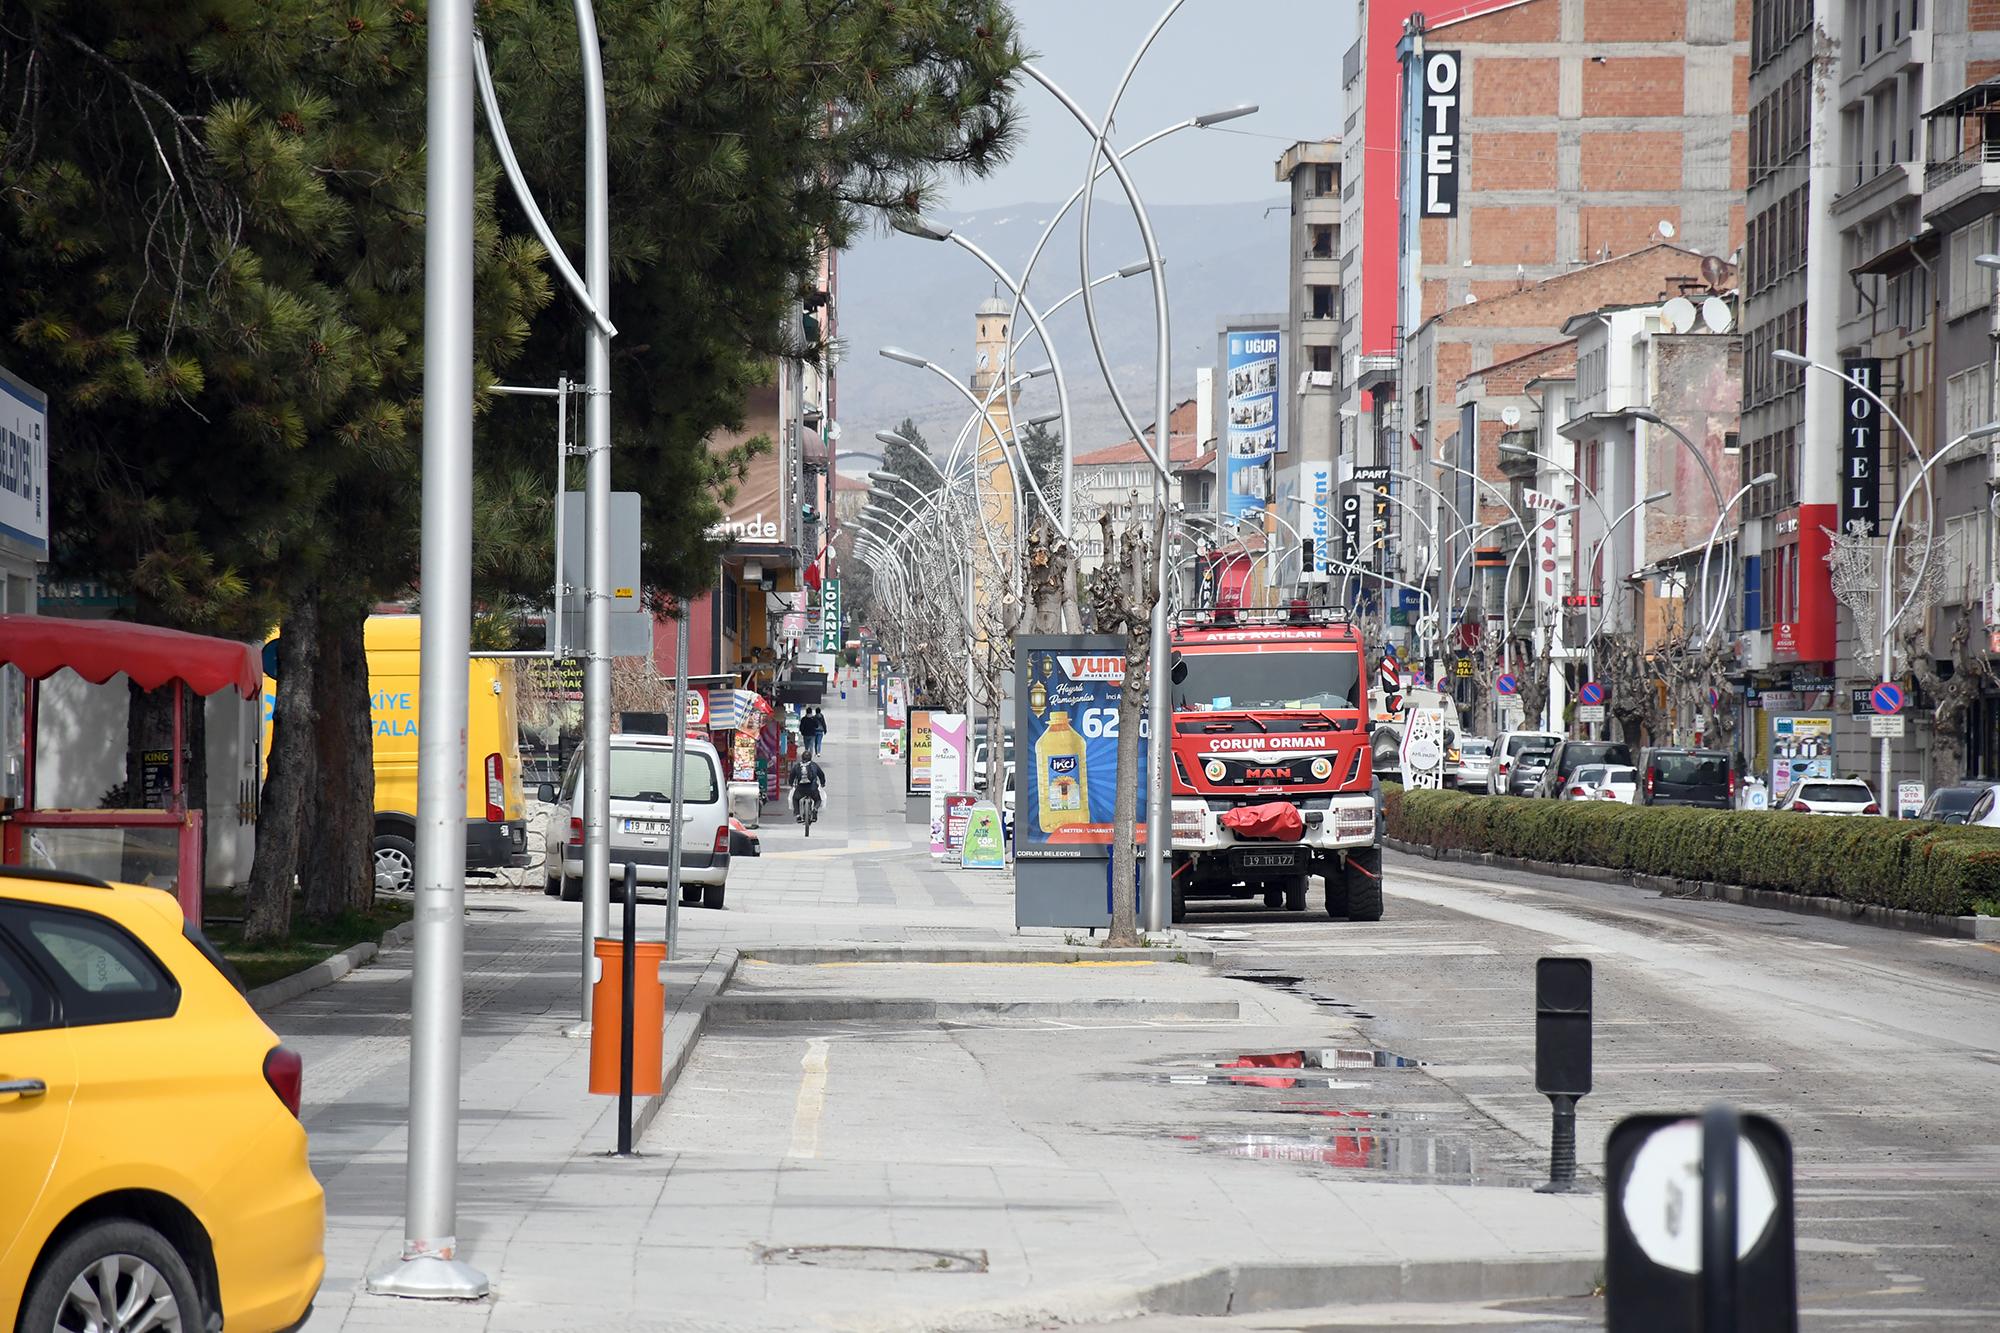 Kırmızı renkli illerin en işlek caddelerinde kısıtlama nedeniyle sessizlik hakim oldu